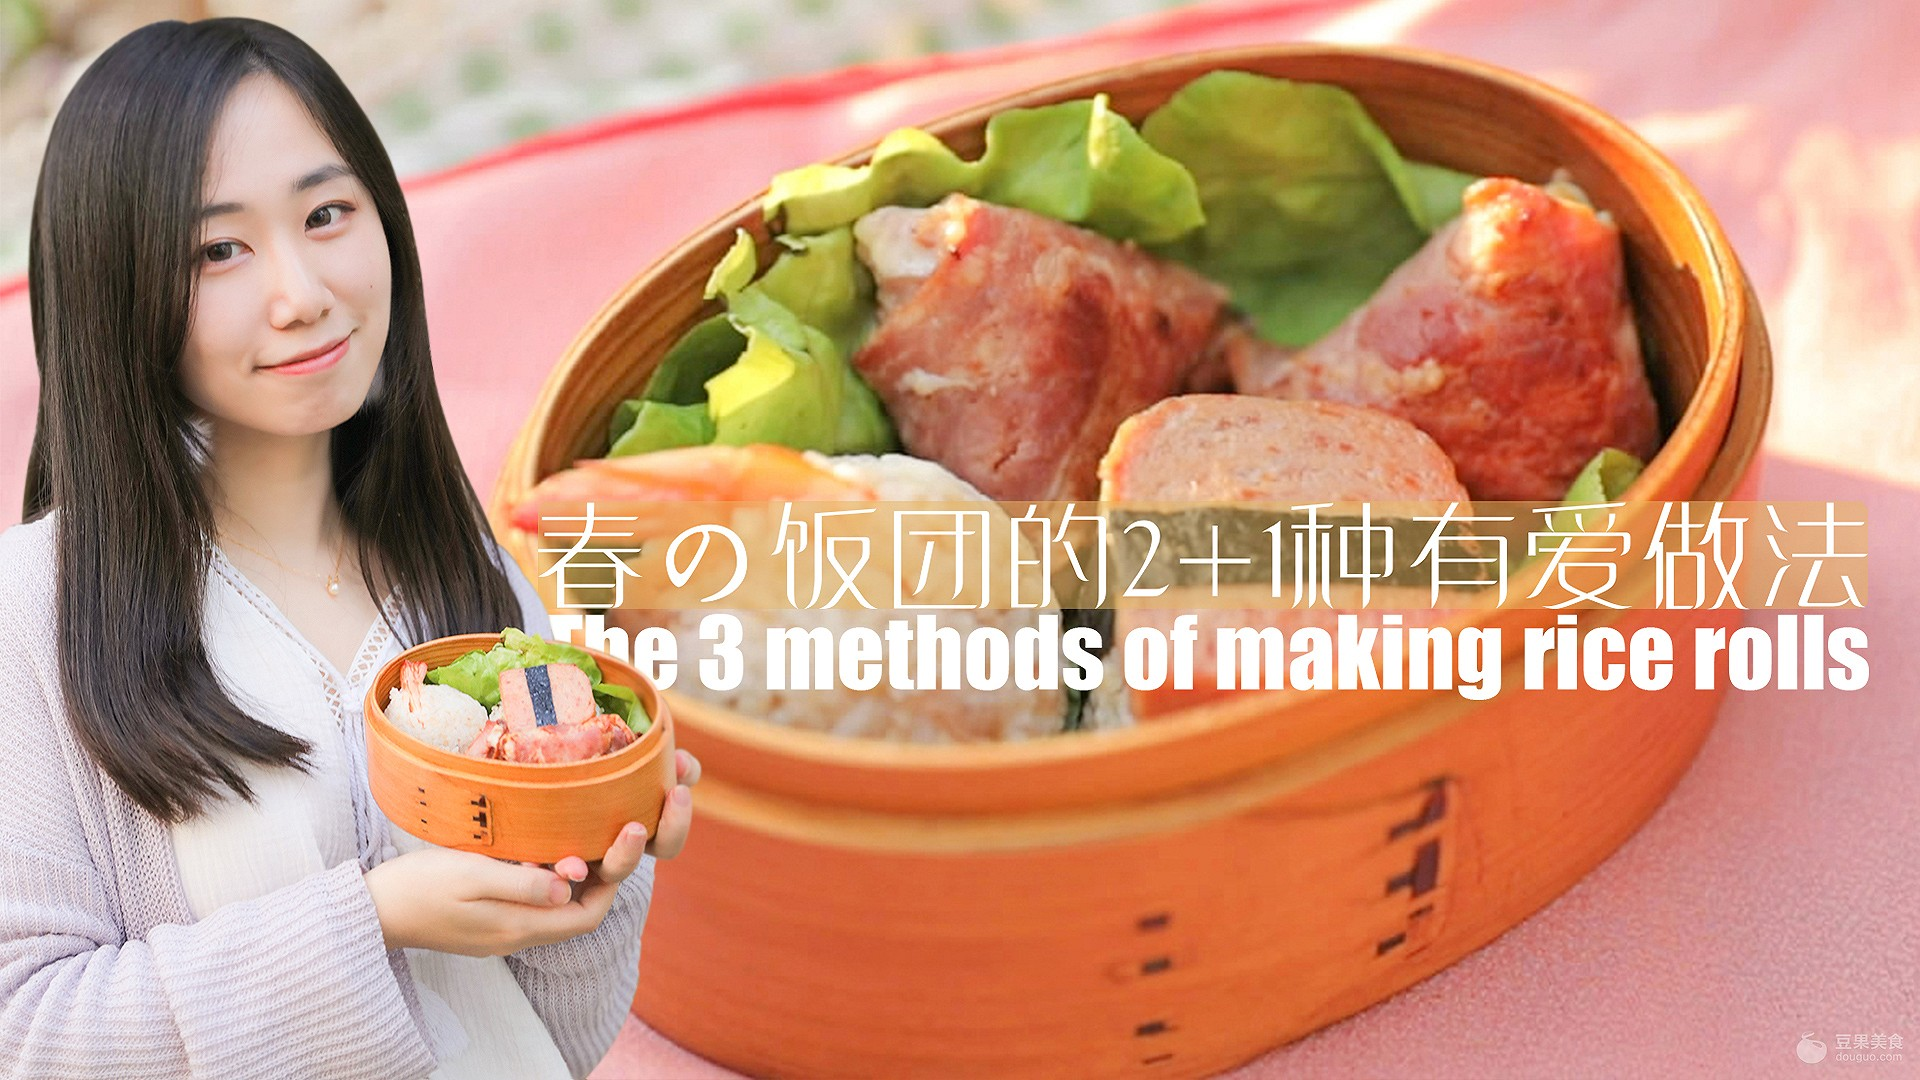 春の饭团的2+1种有爱做法「厨娘物语」 - 后花园网文 - 趣味生活